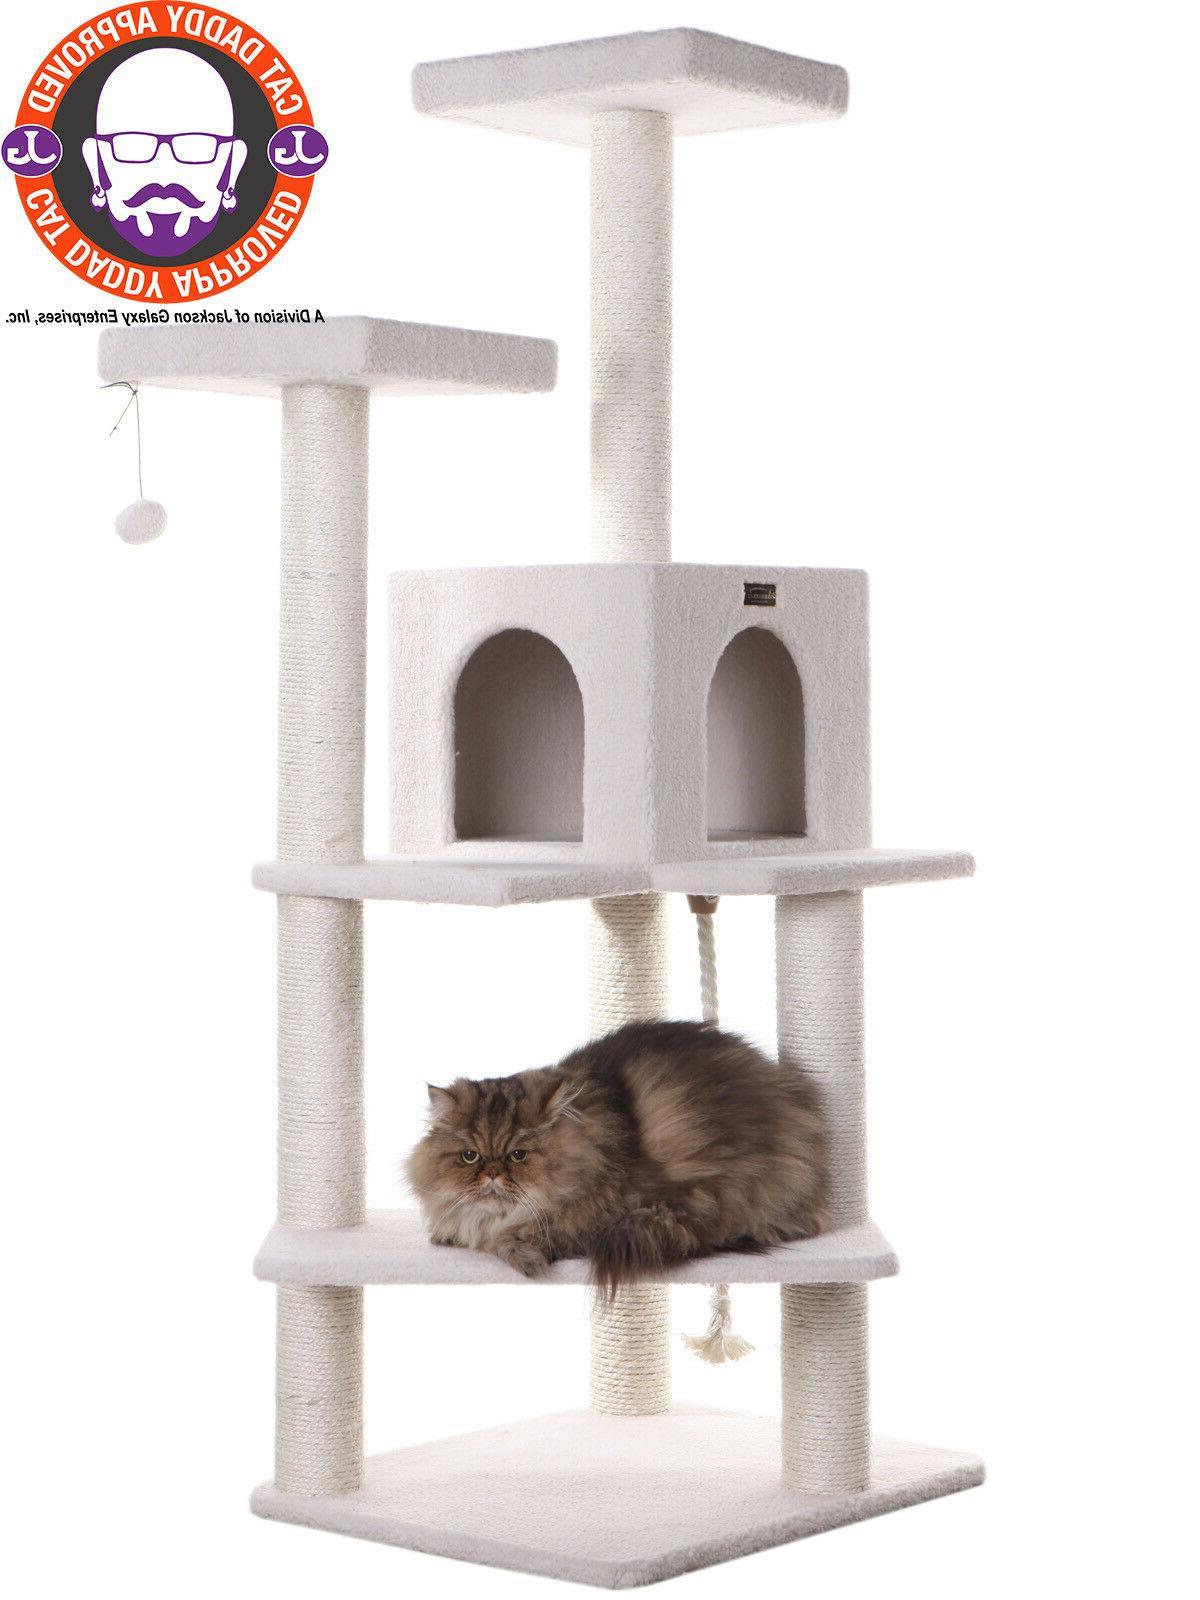 b5701 cat tree